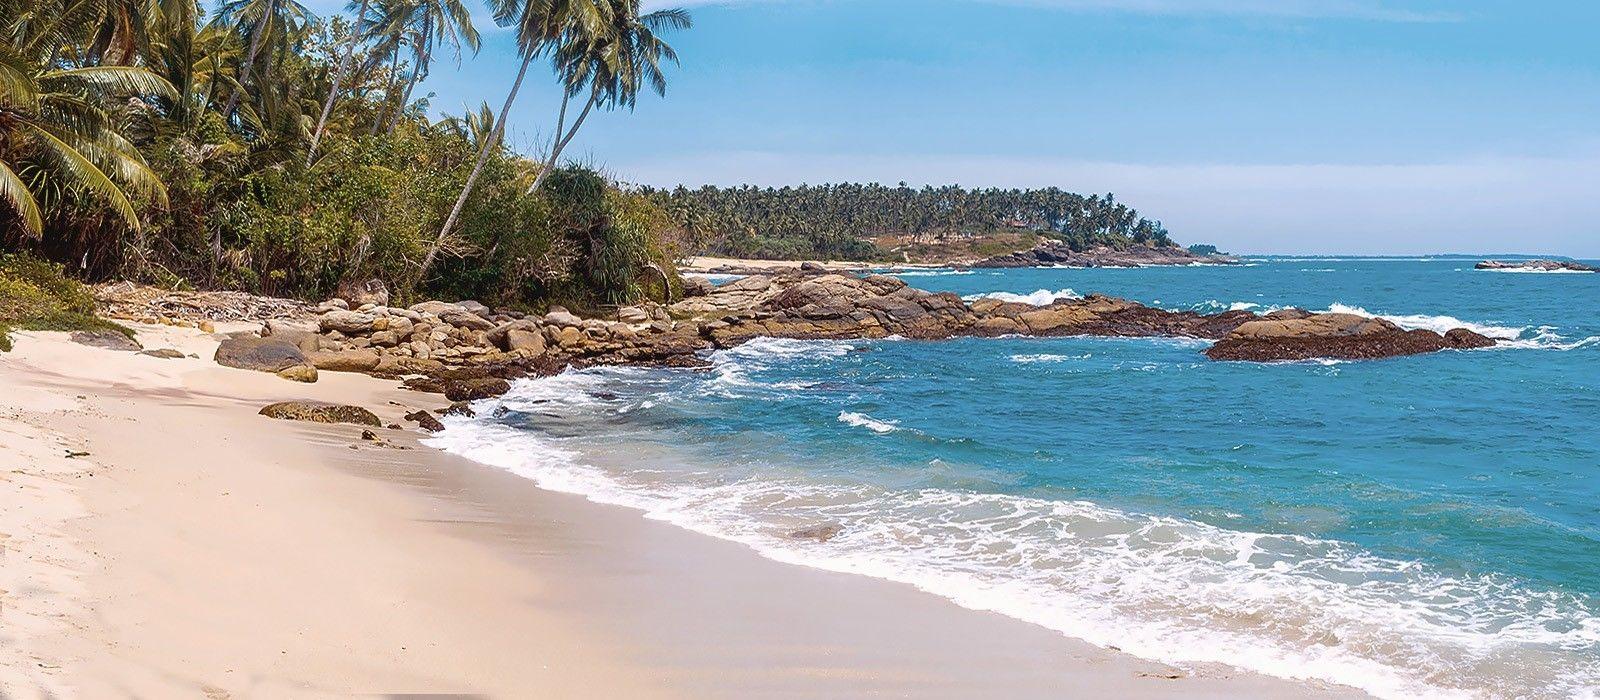 Luxuriöse Sri Lanka Rundreise Urlaub 3